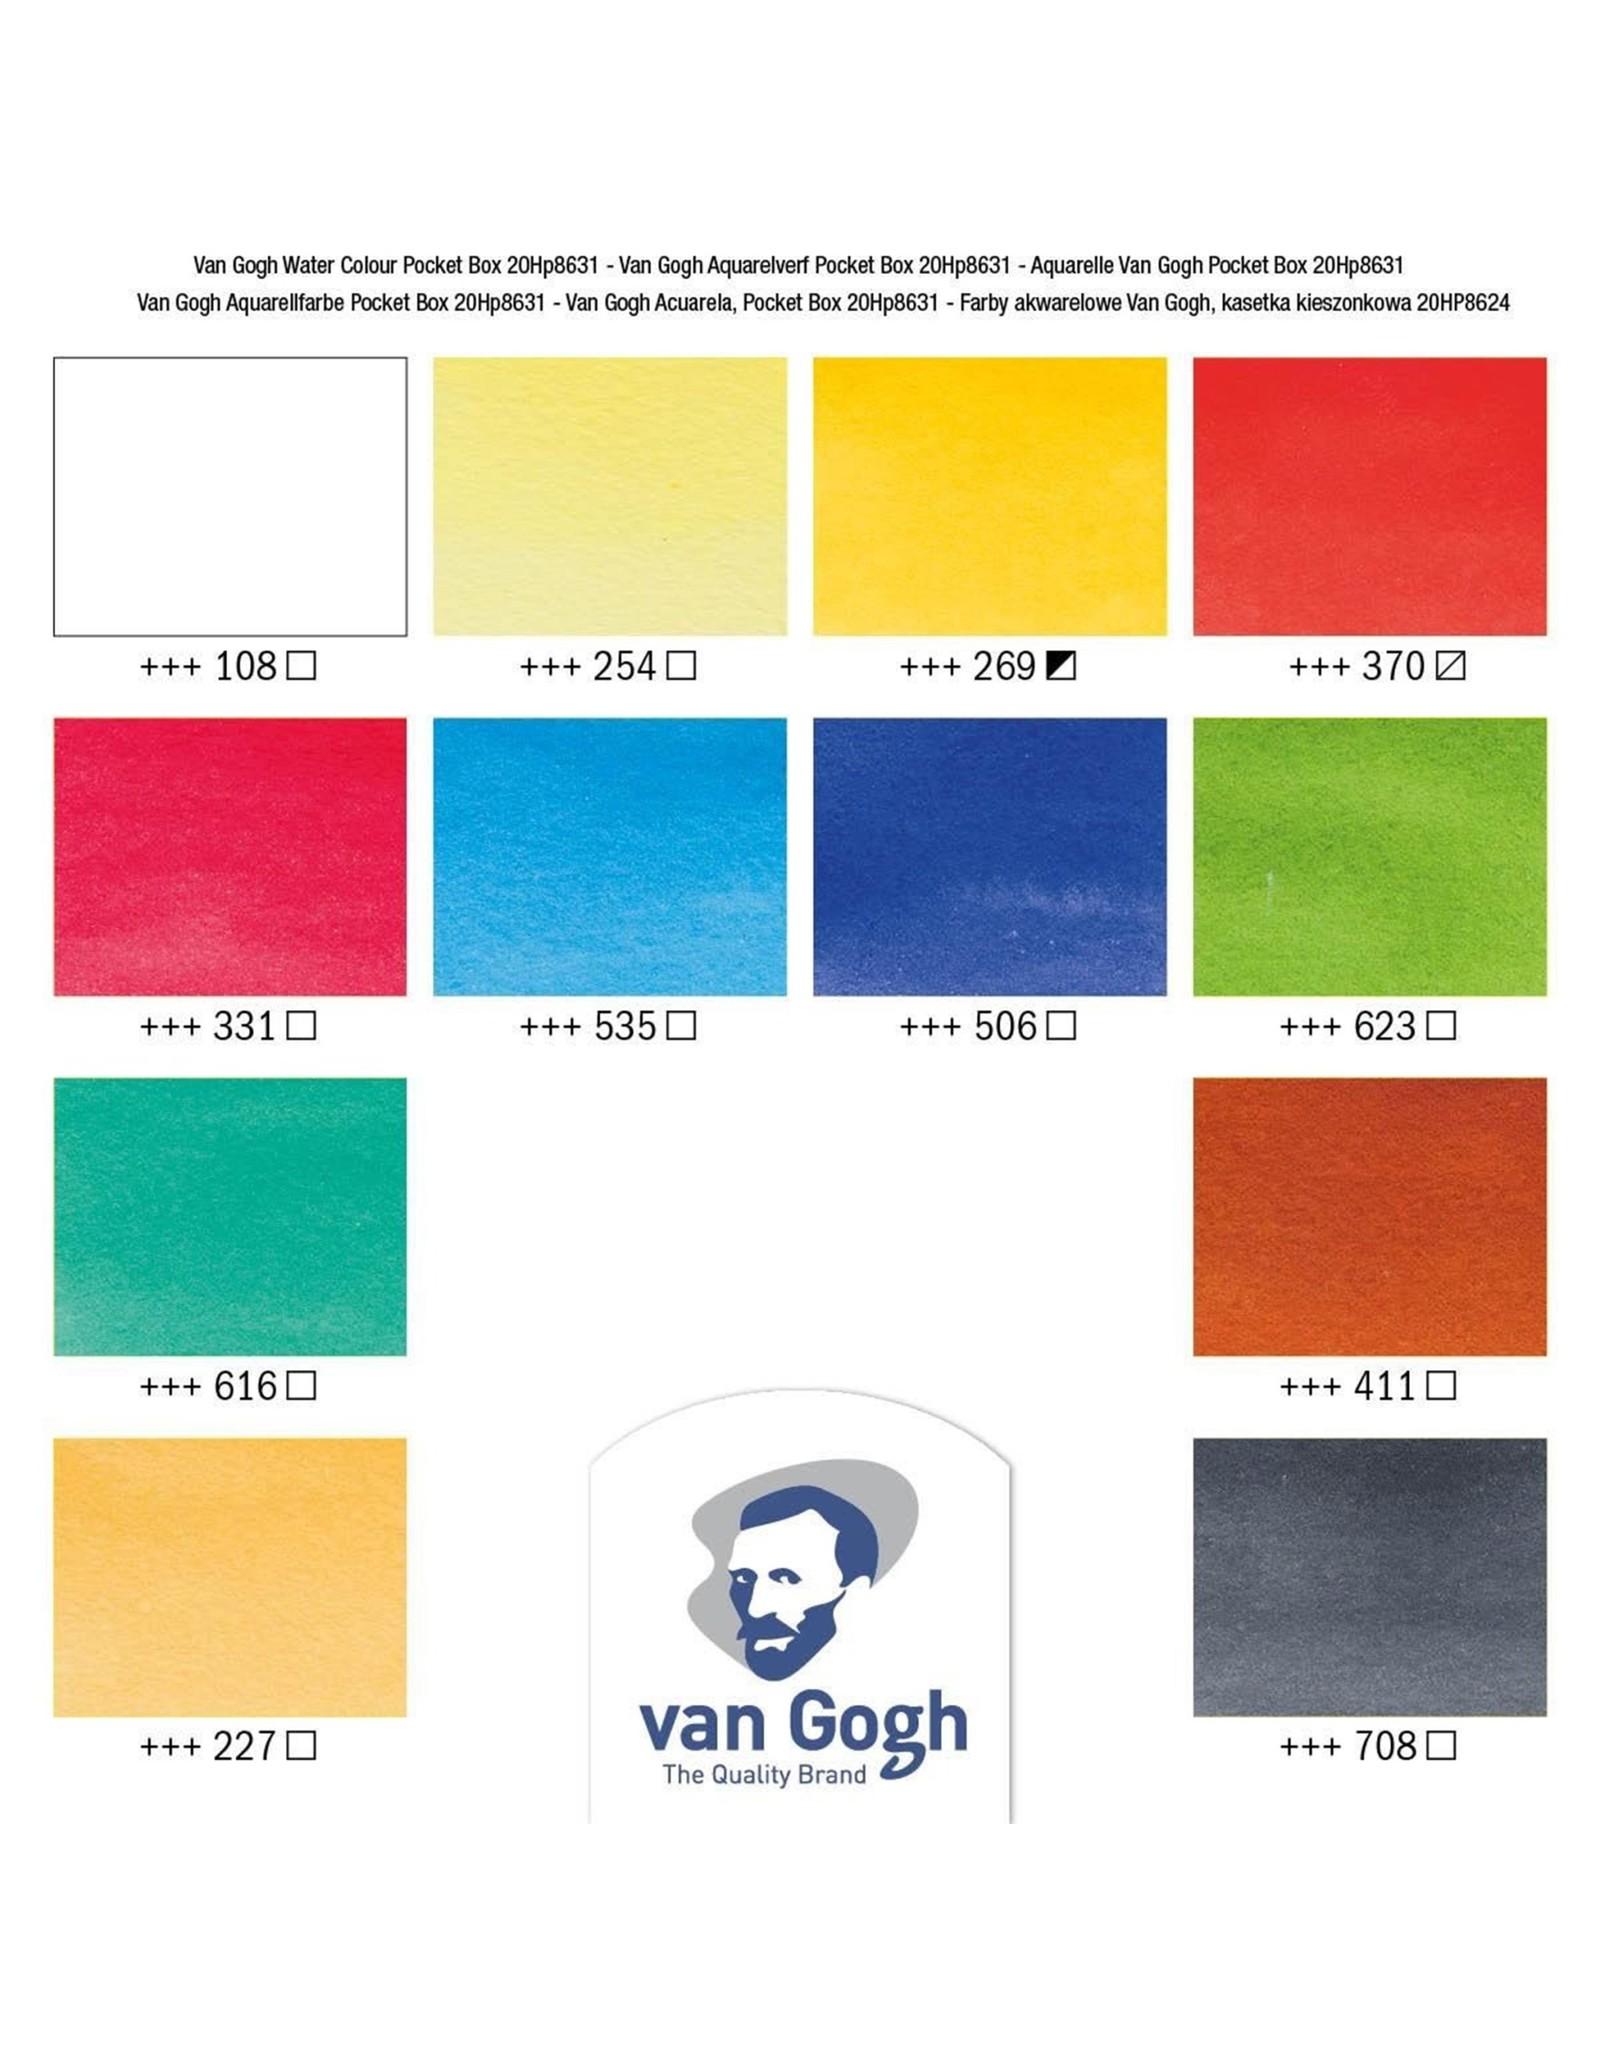 Van Gogh Aquarelverf Pocket Box 12 napjes